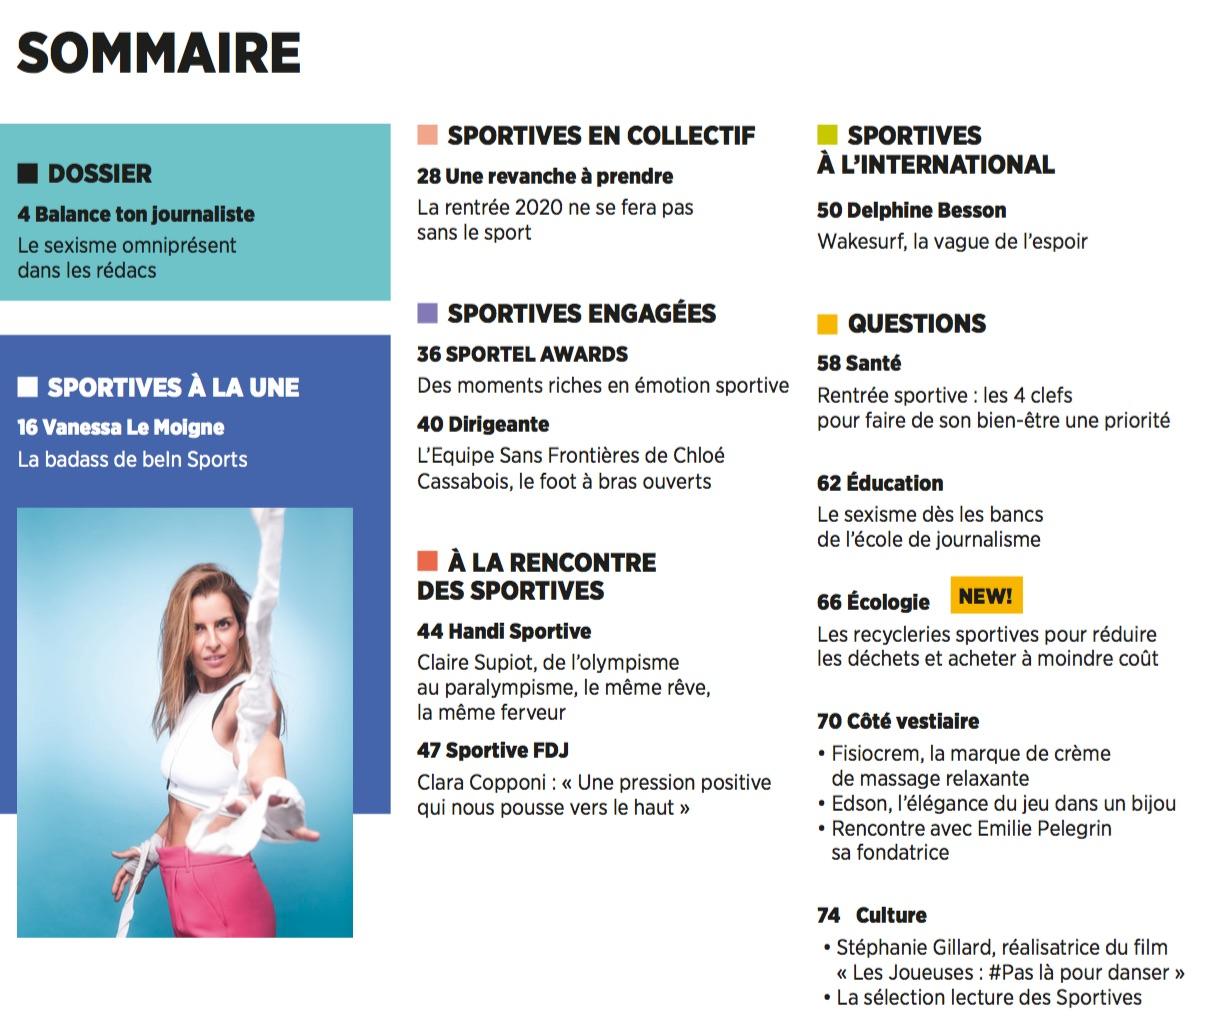 SOMMAIRE LSM16